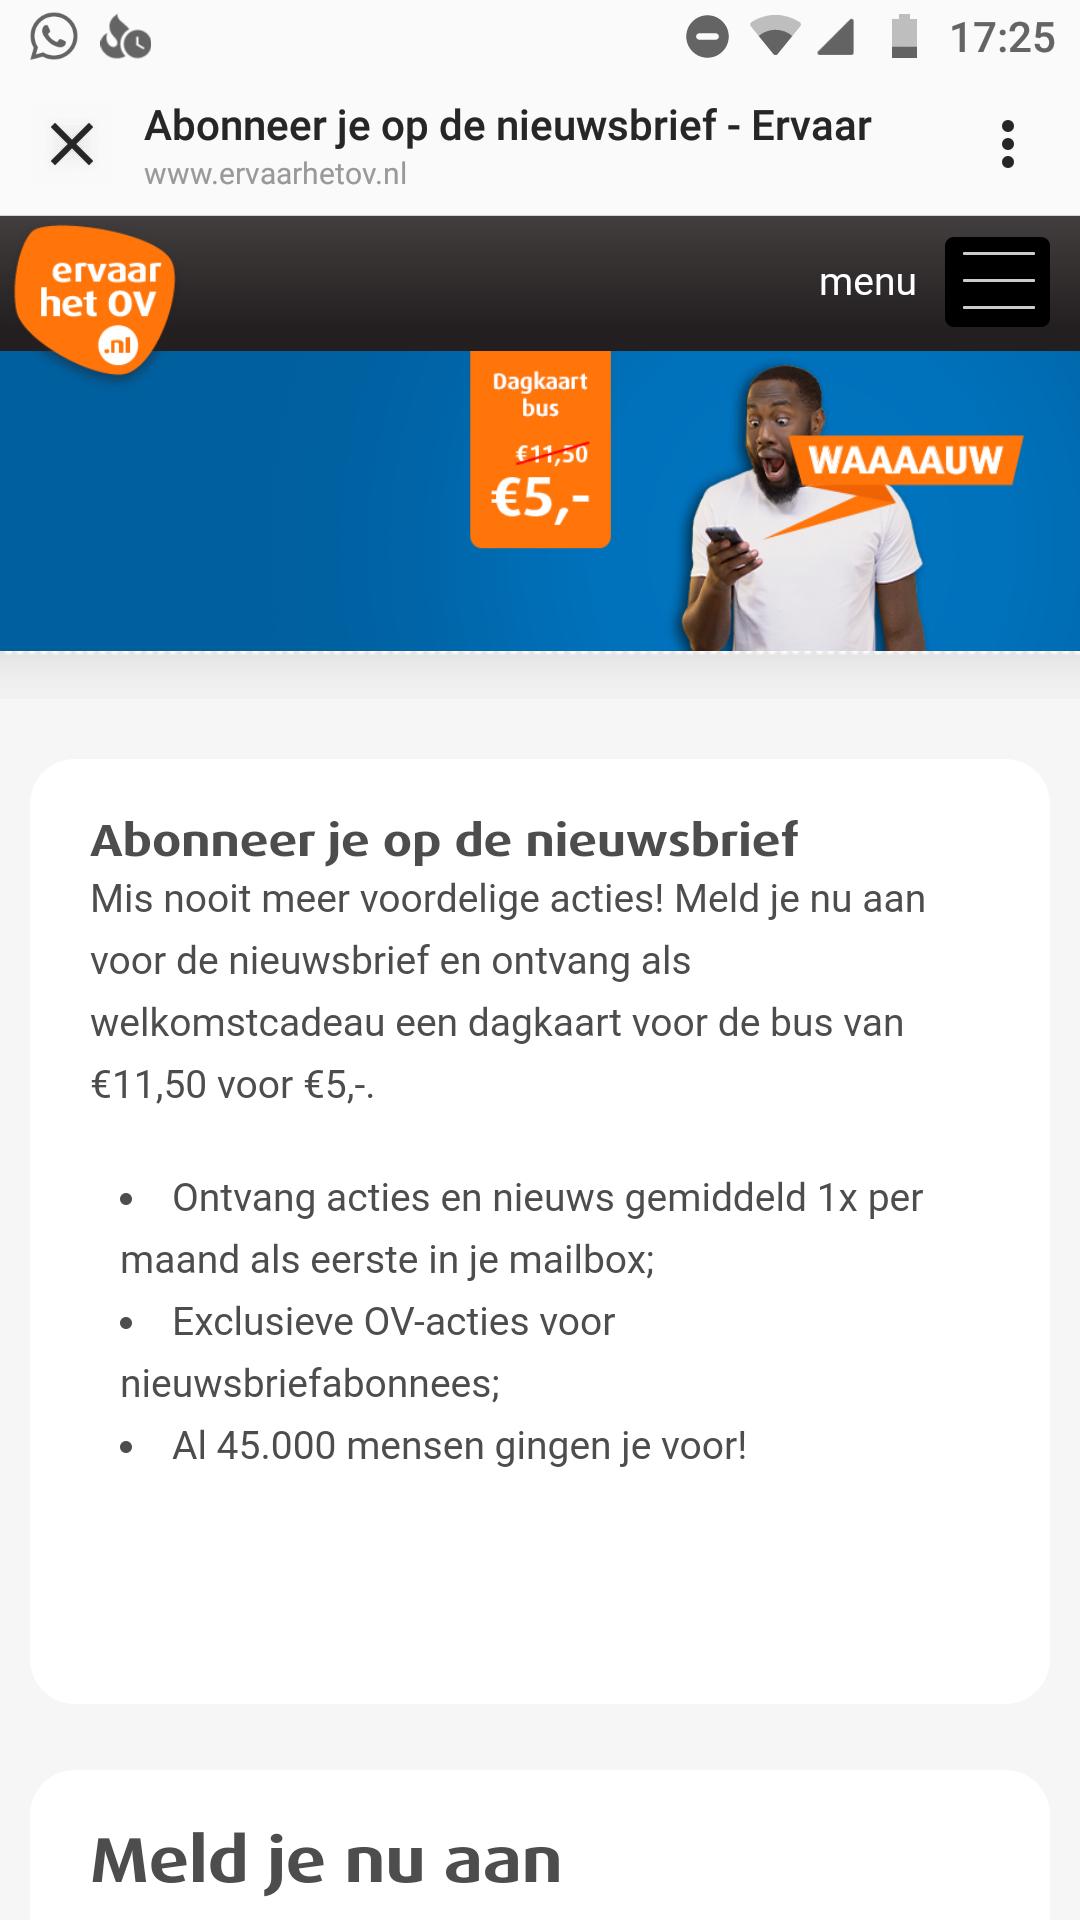 Dagkaart voor de bus €5 bij aanmelden nieuwsbrief